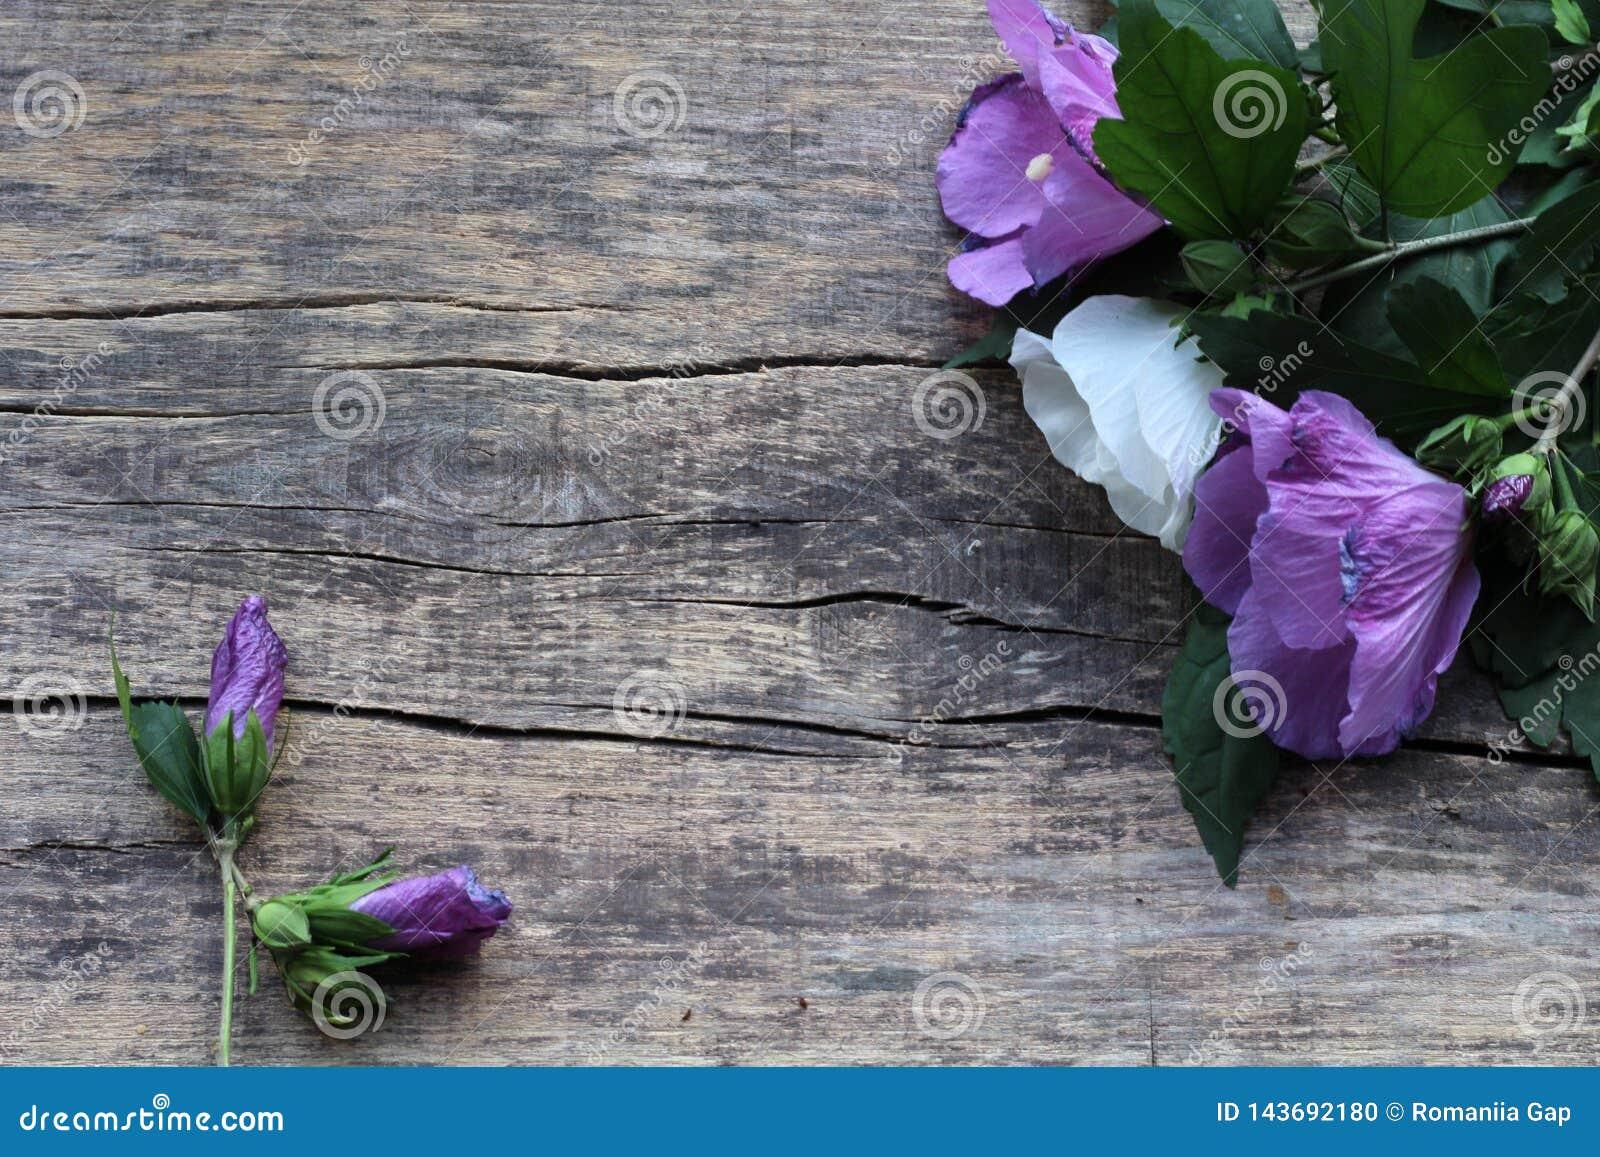 Un mazzo di due fiori porpora e di uno bianchi come pure due pegni sono su un fondo di legno